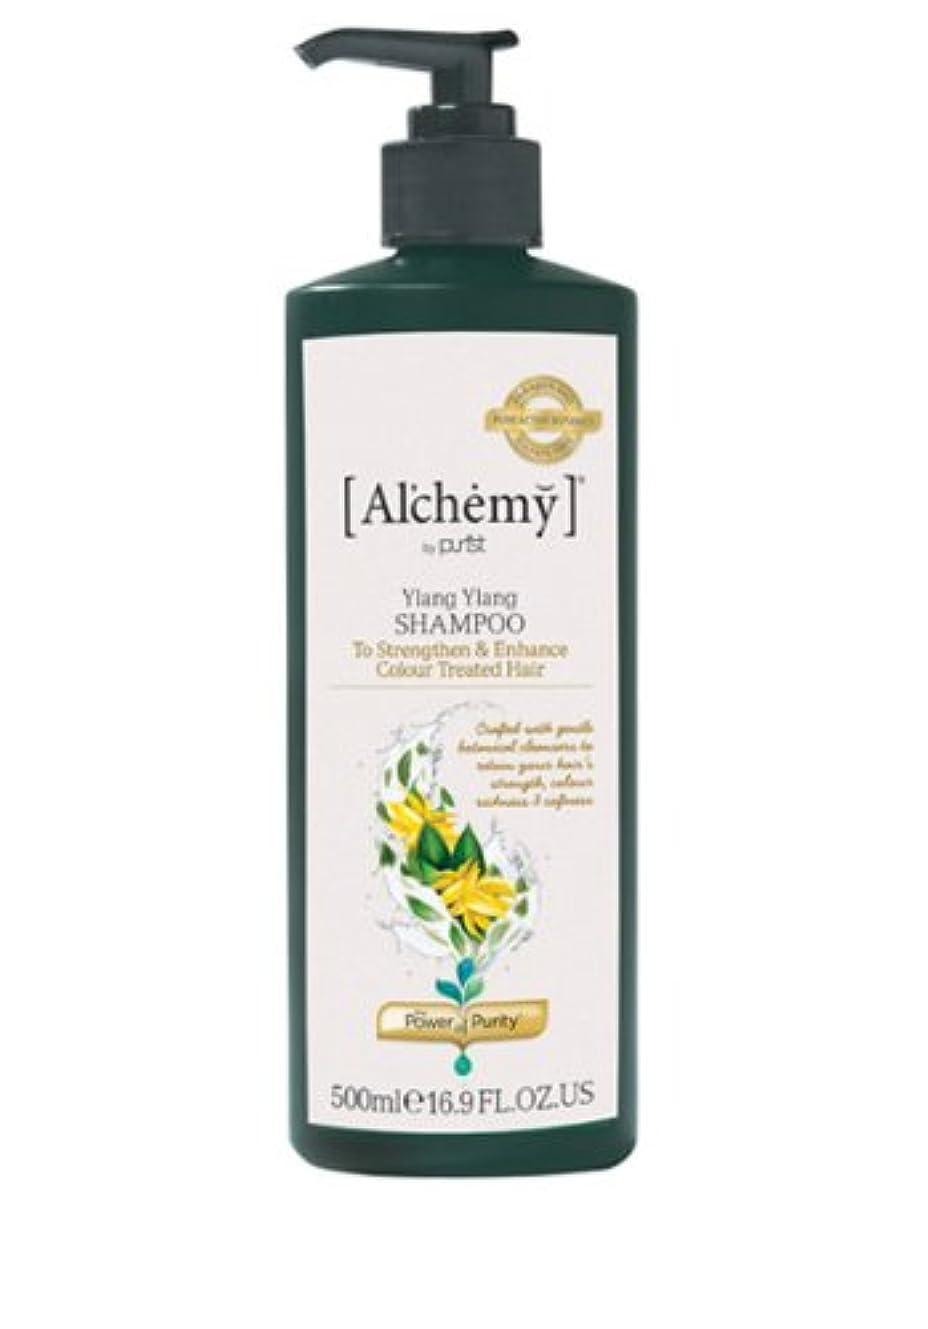 モス魅力変形【Al'chemy(alchemy)】アルケミー イランイランシャンプー(Ylang Ylang Colour Care Shampoo)(カラーした髪用)500ml